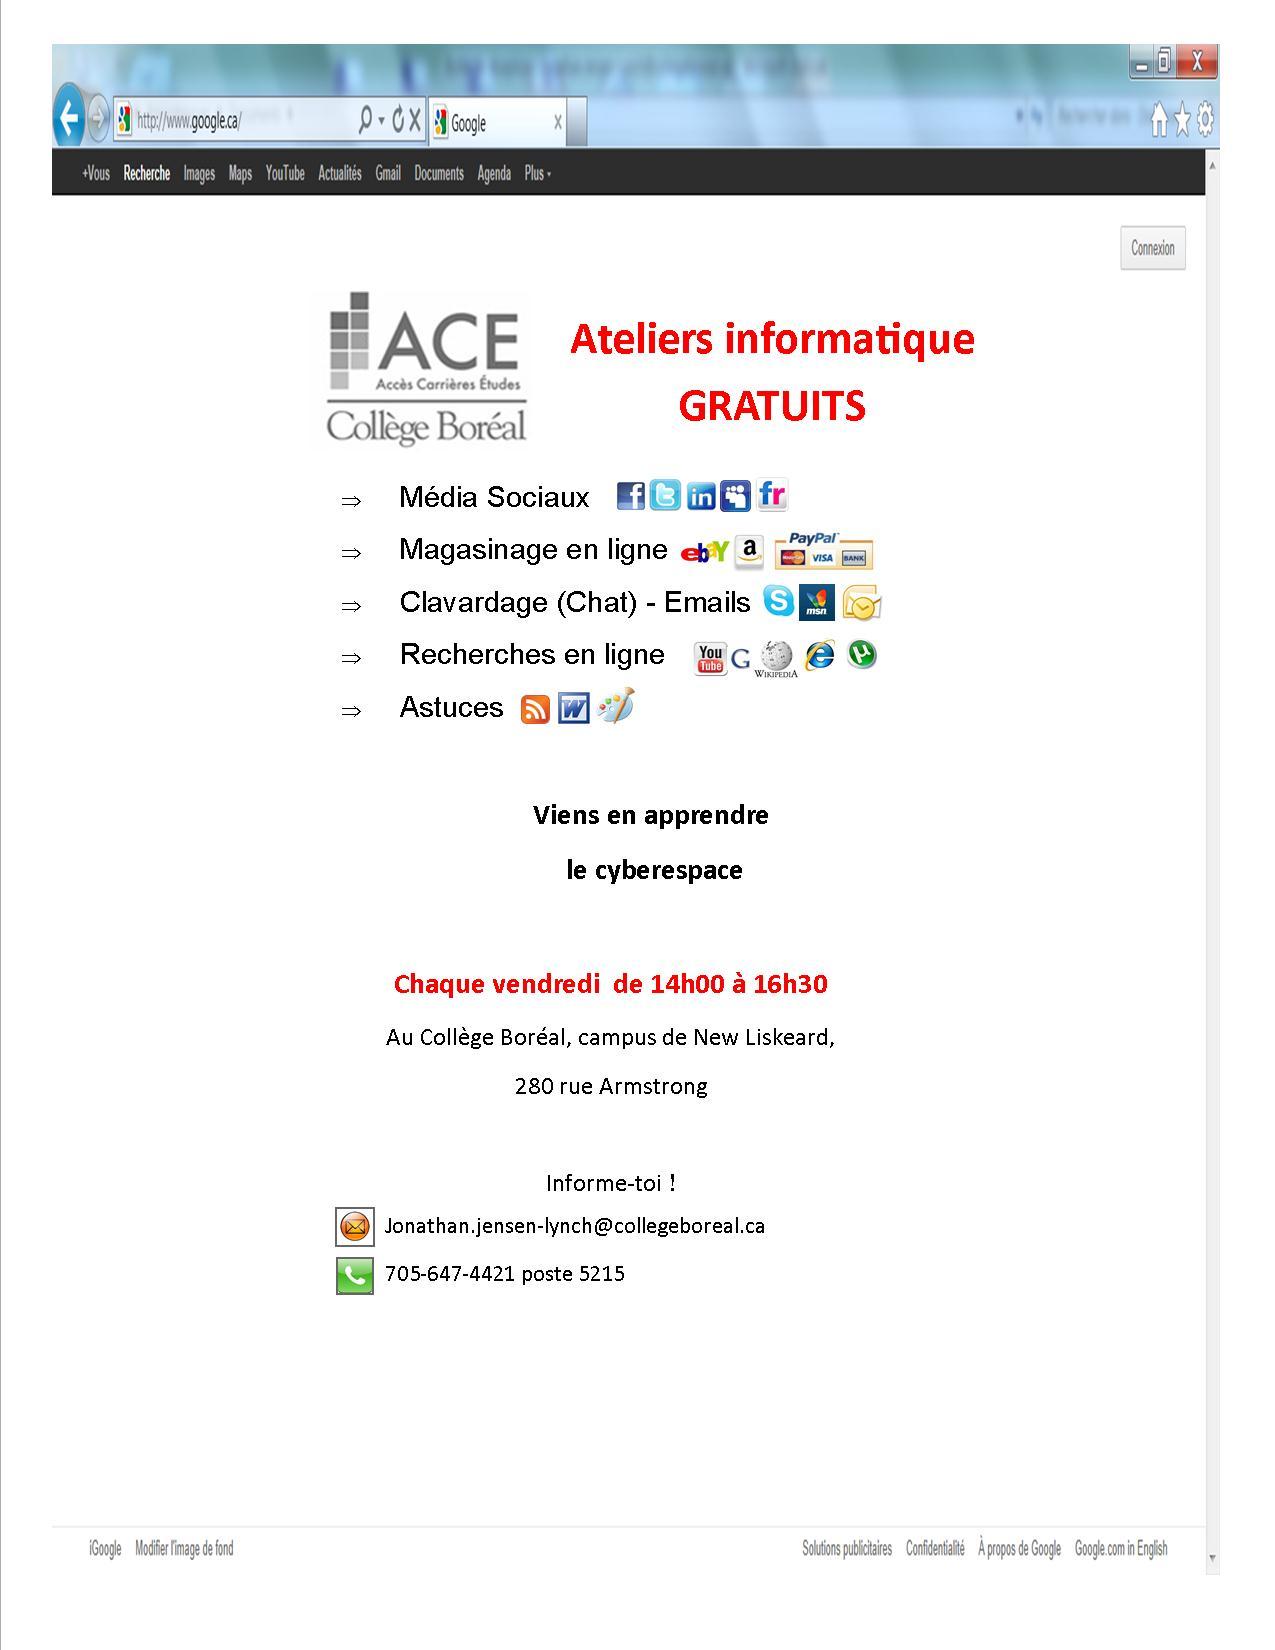 Atelier Informatique Gratuits - Atelier Informatique